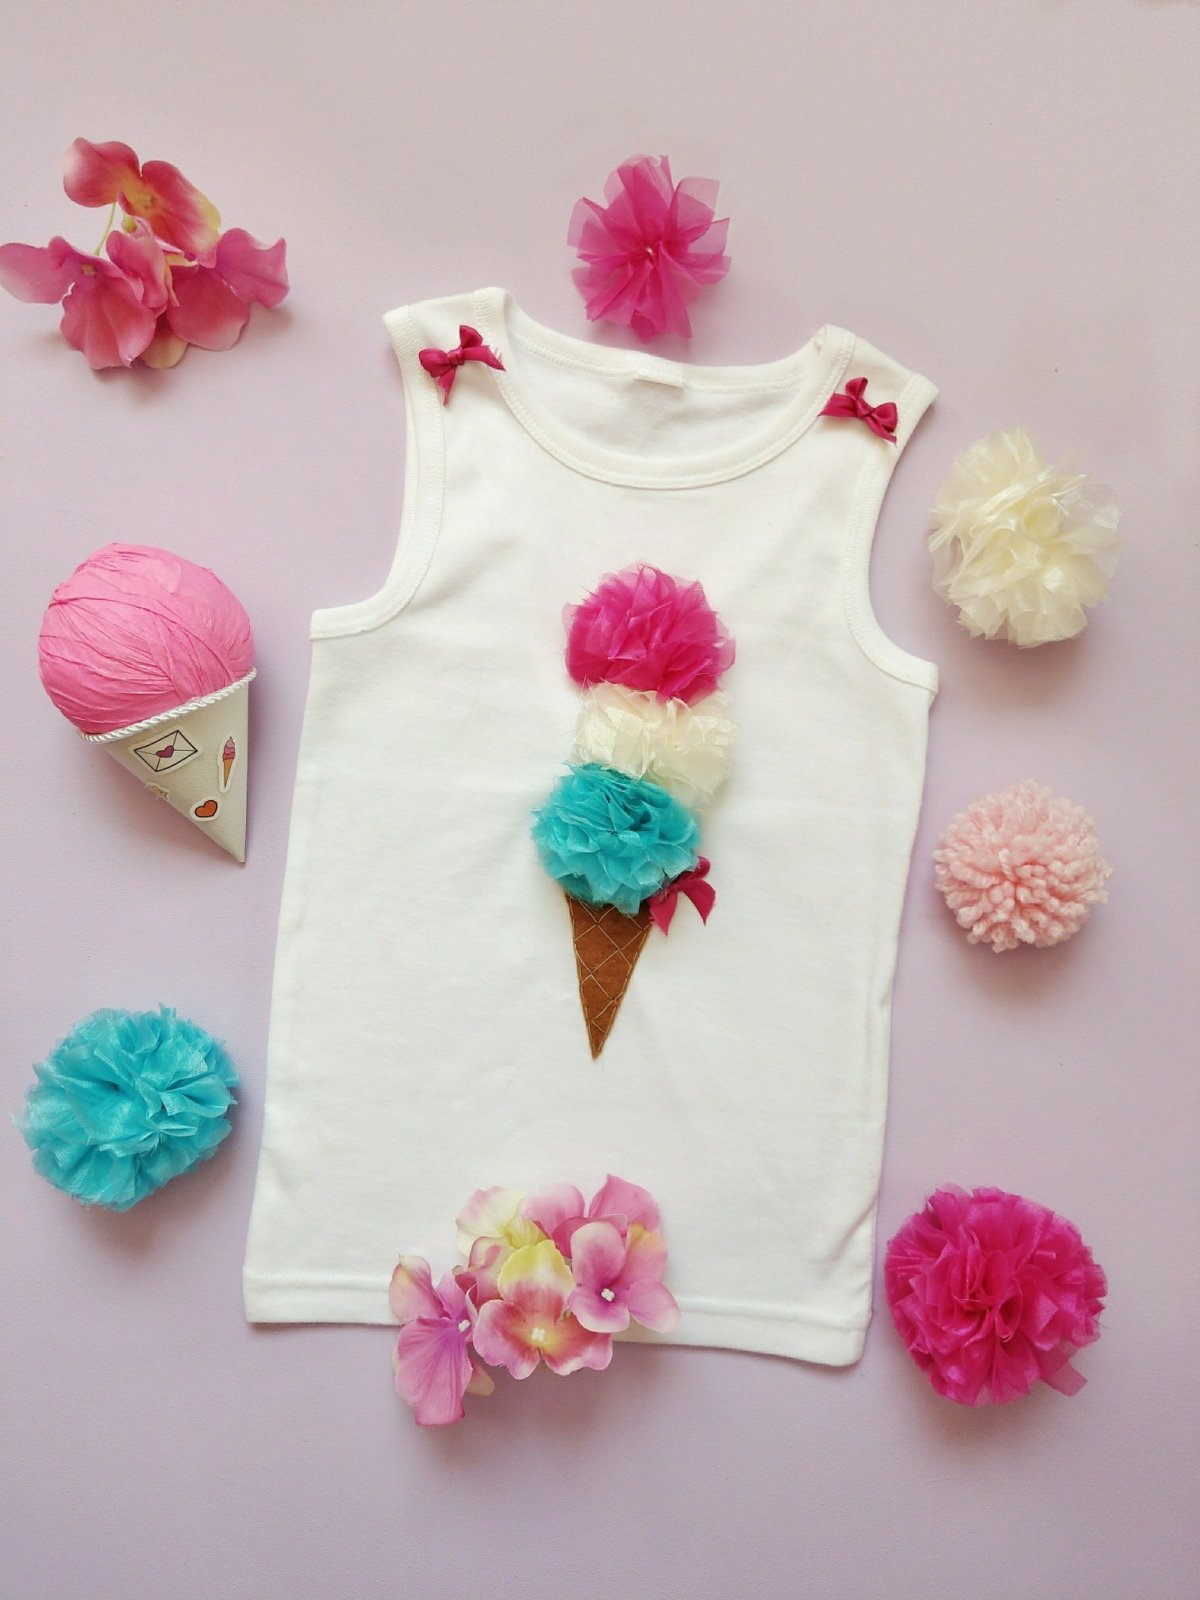 Um ein Eis auf ein T-Shirt zu nähen braucht es keine Näherfahrung. Einfach und schnell hat man so ein Kleidungsstück aufgepumpt und trägt ein wahres Unikat.